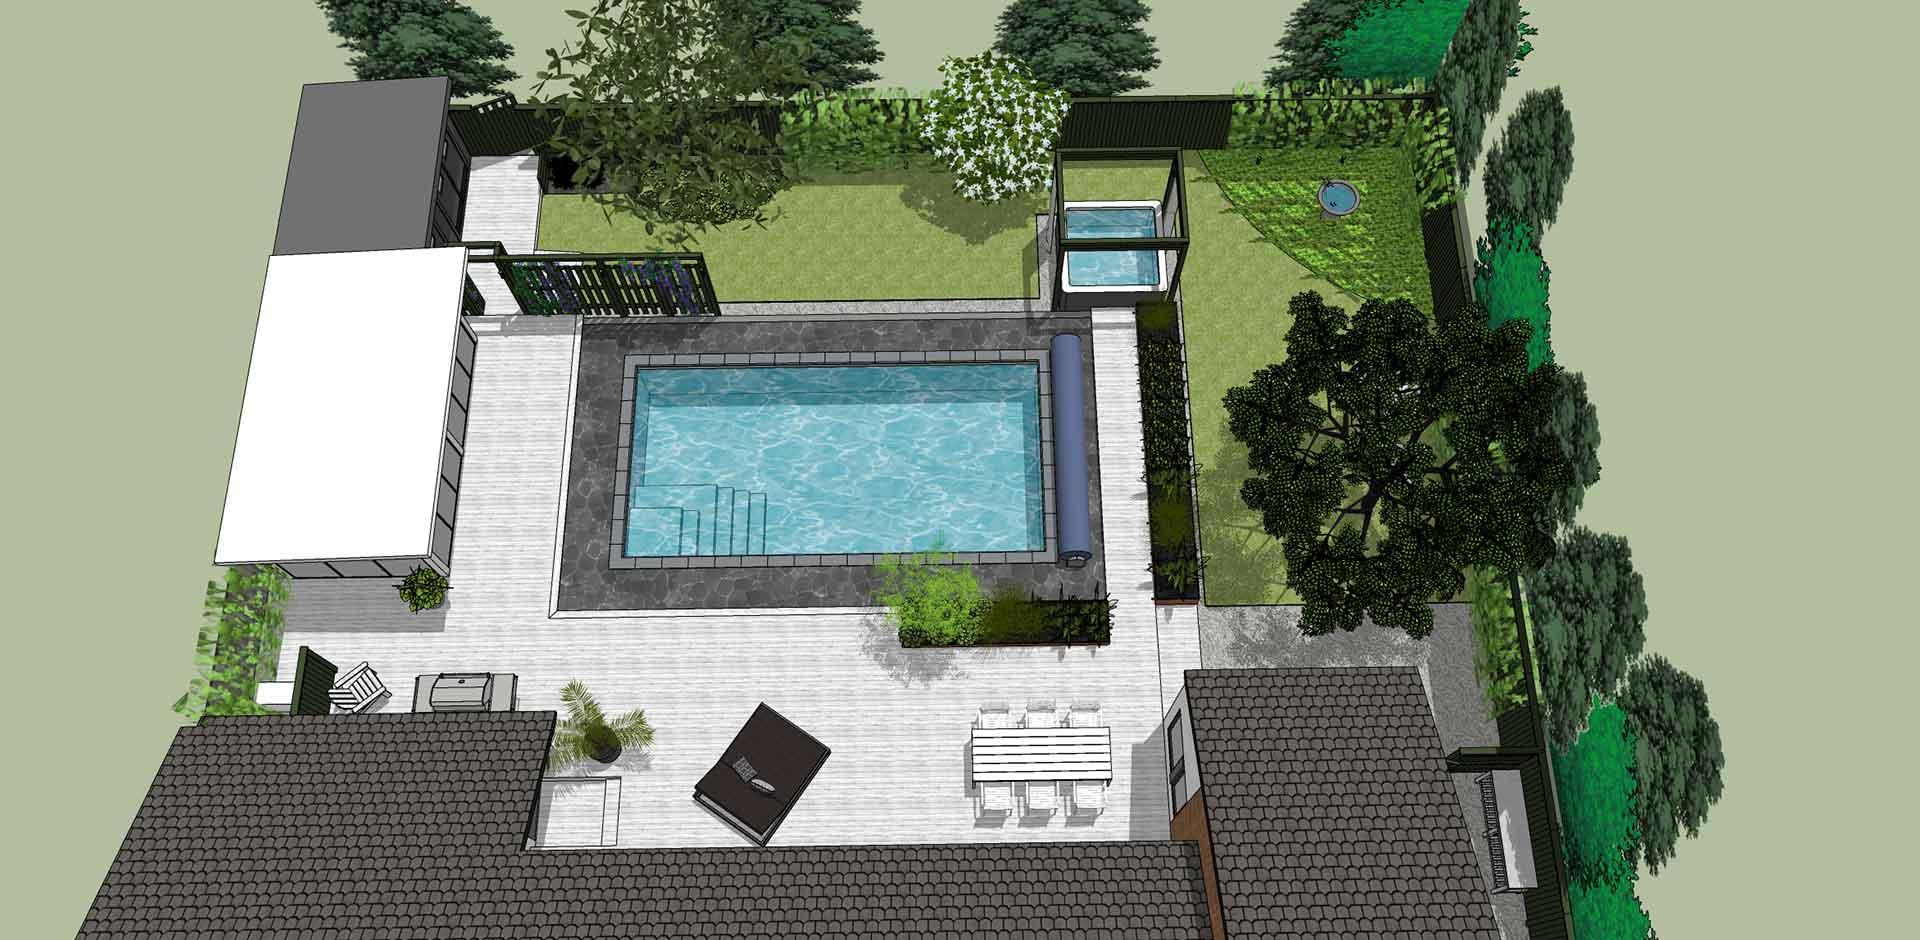 Wikipool, Skapa en oas, ritning över trädgård, Pool store